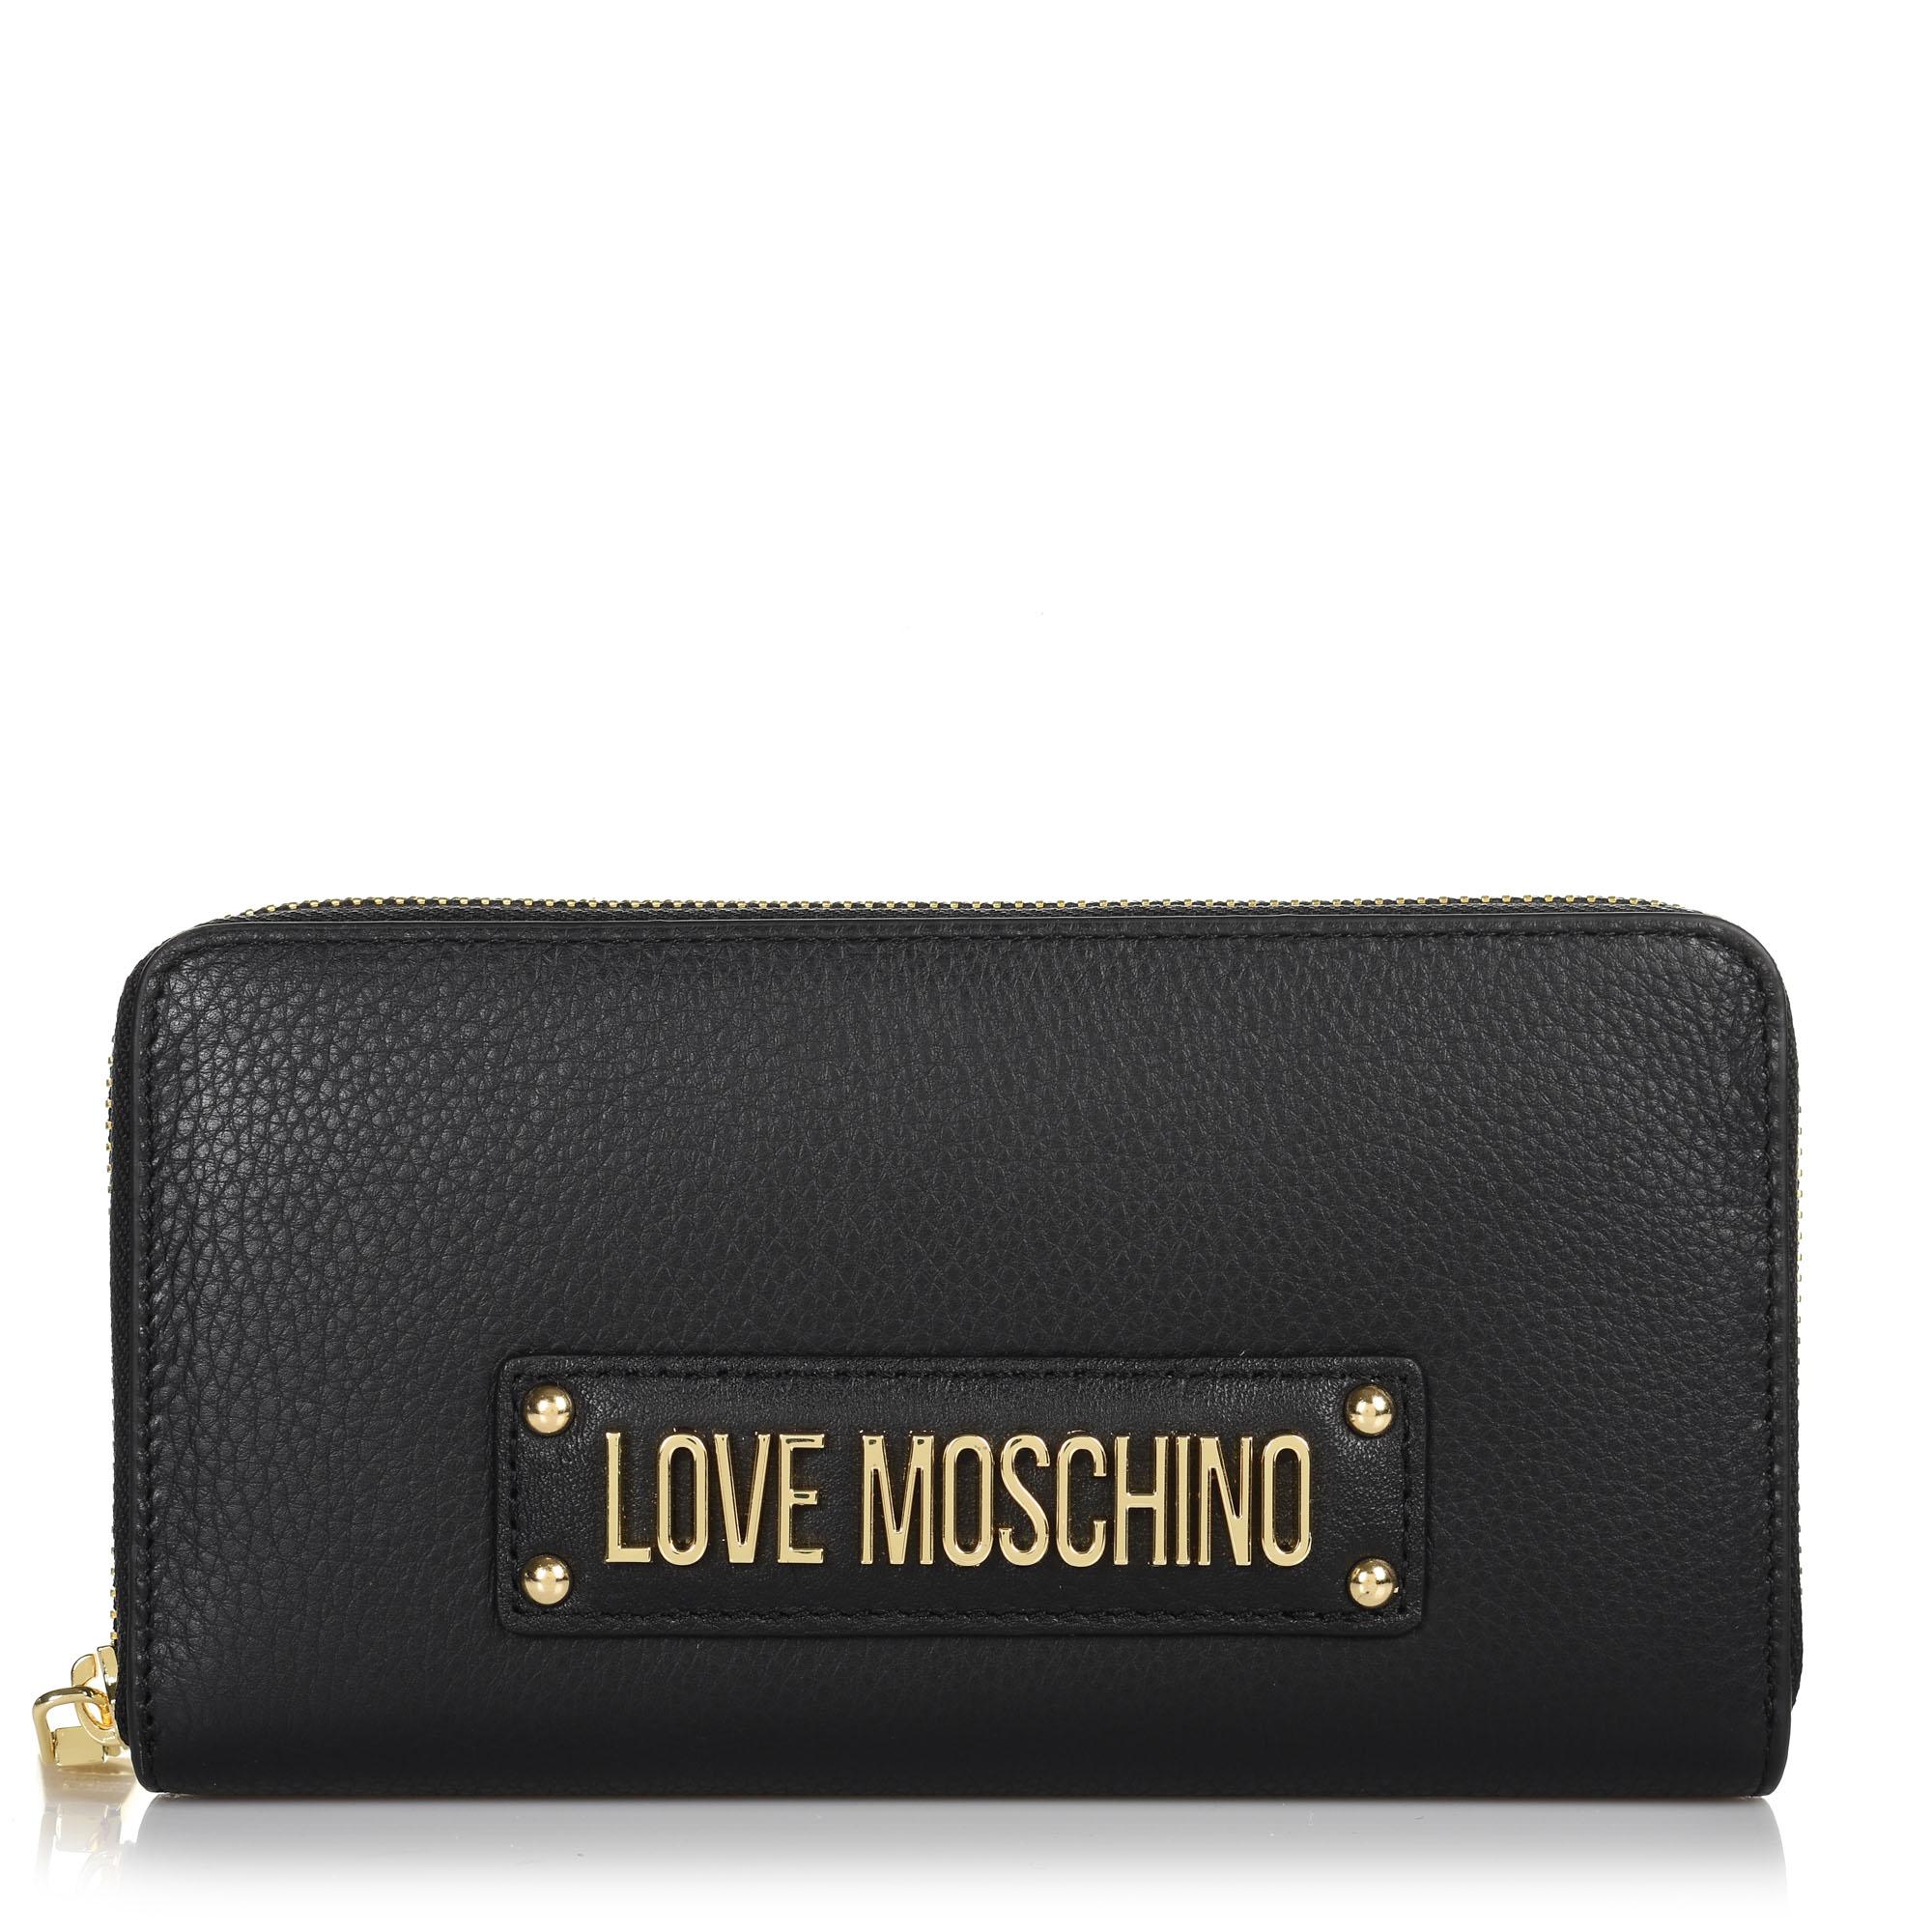 Πορτοφόλι Κασετίνα Love Moschino Porta Vit JC5629PP17L6